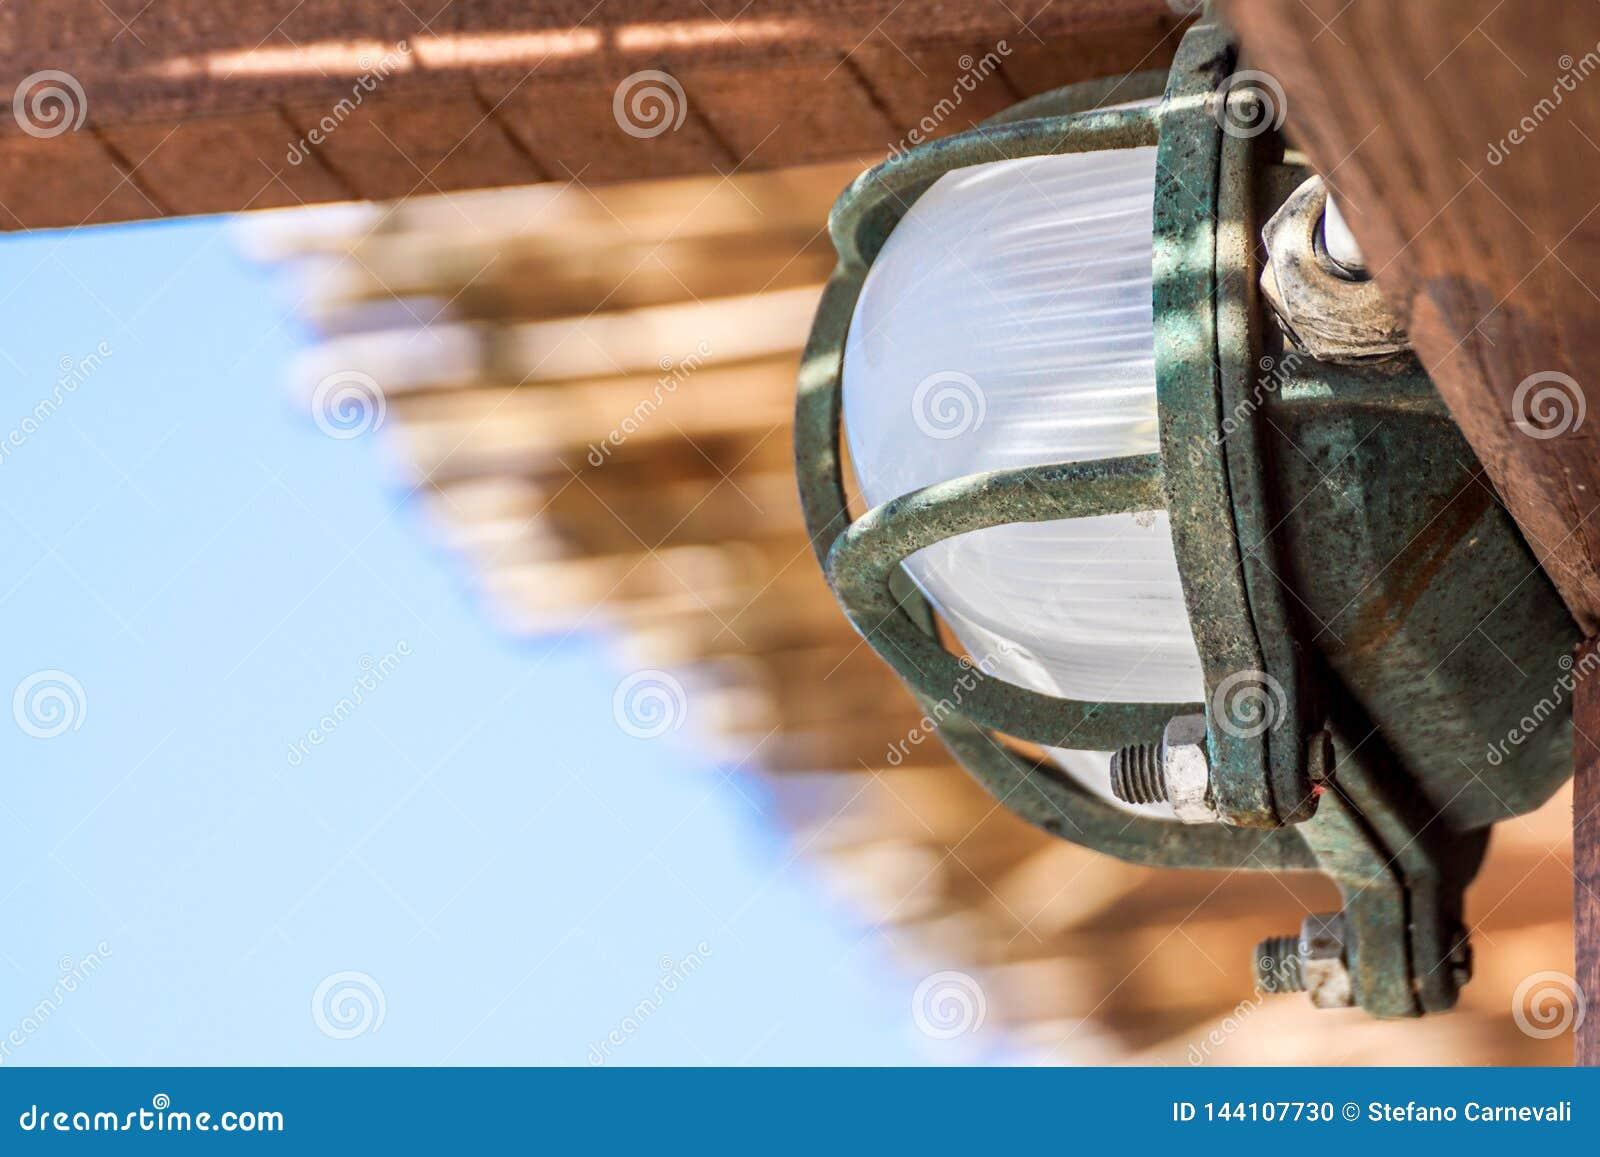 Attache de plafonnier au plafond avec peu à aucun espace entre l appareil d éclairage et le plafond